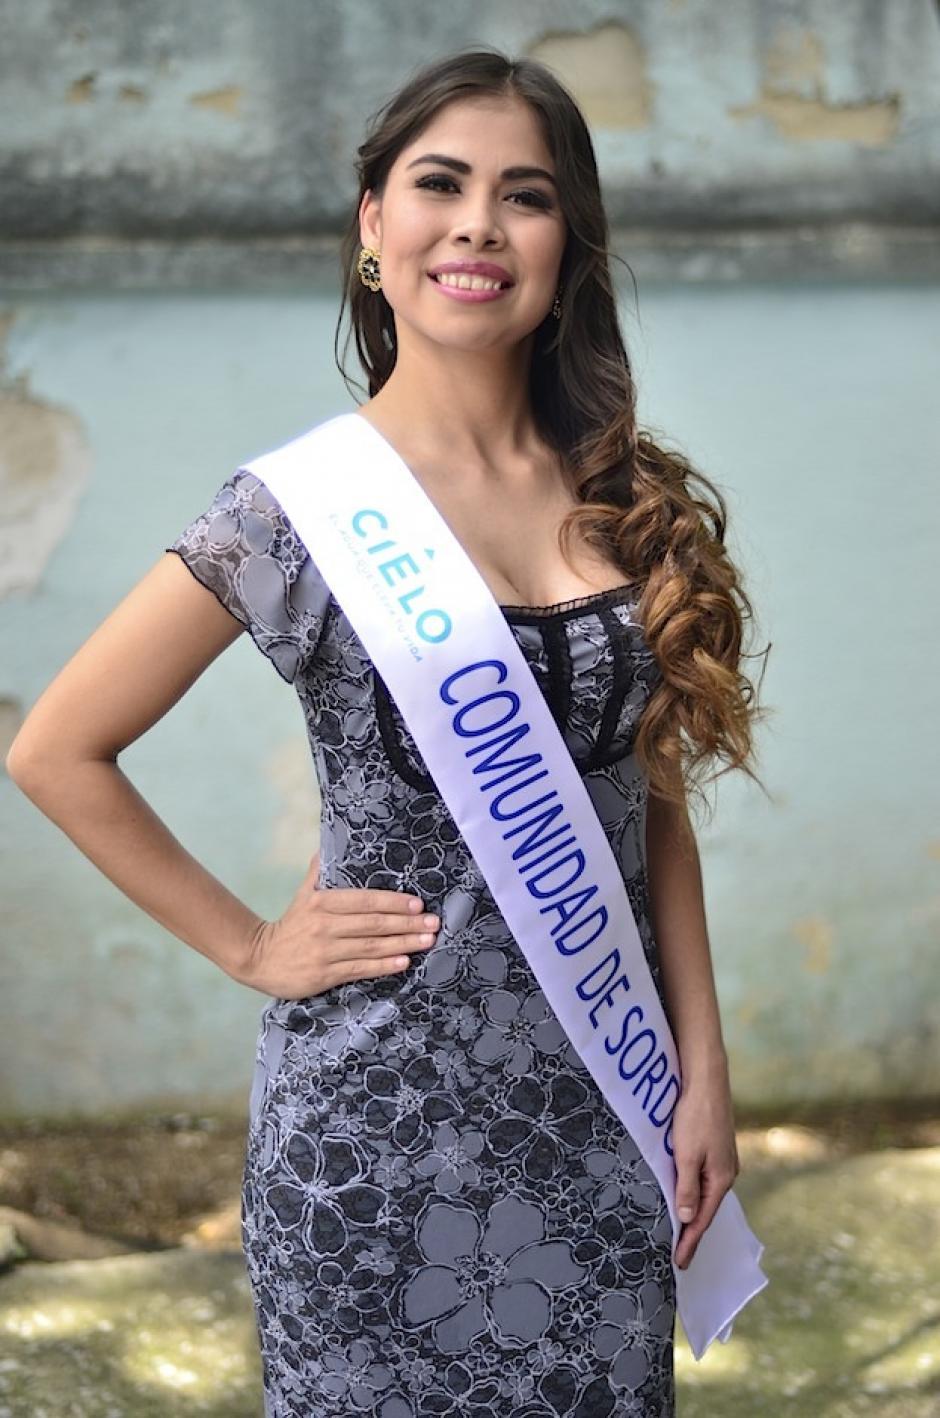 Su constancia, carisma y gracia, le valió el título de Belleza con Propósito. (Foto: Selene Mejía/Soy502)